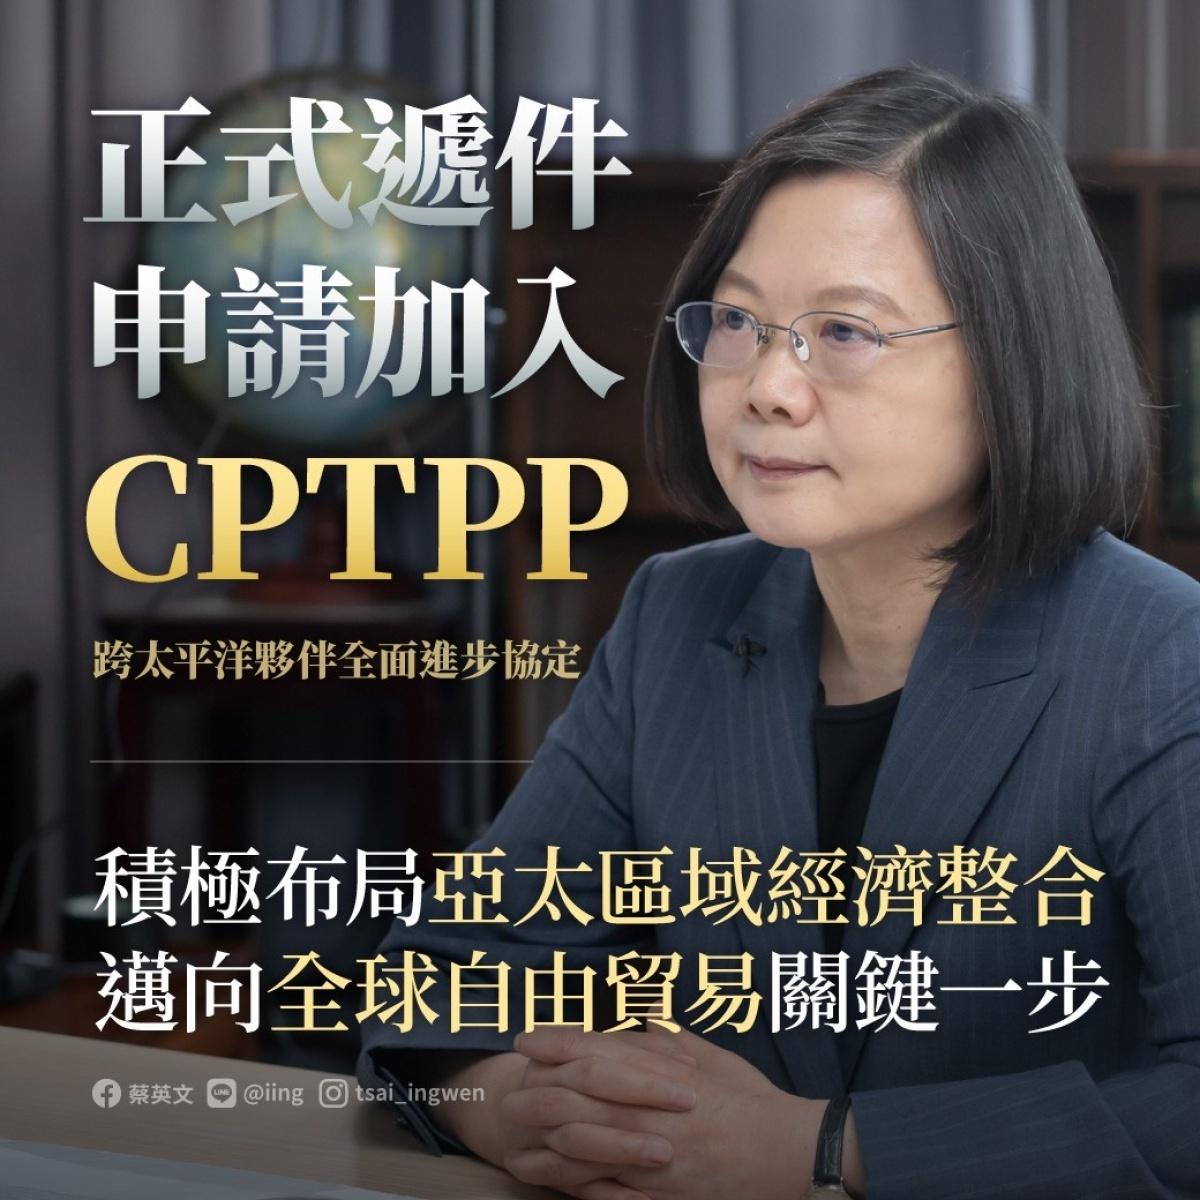 我申請加入CPTPP 國民黨:蔡政府迫於對岸壓力急就章申請